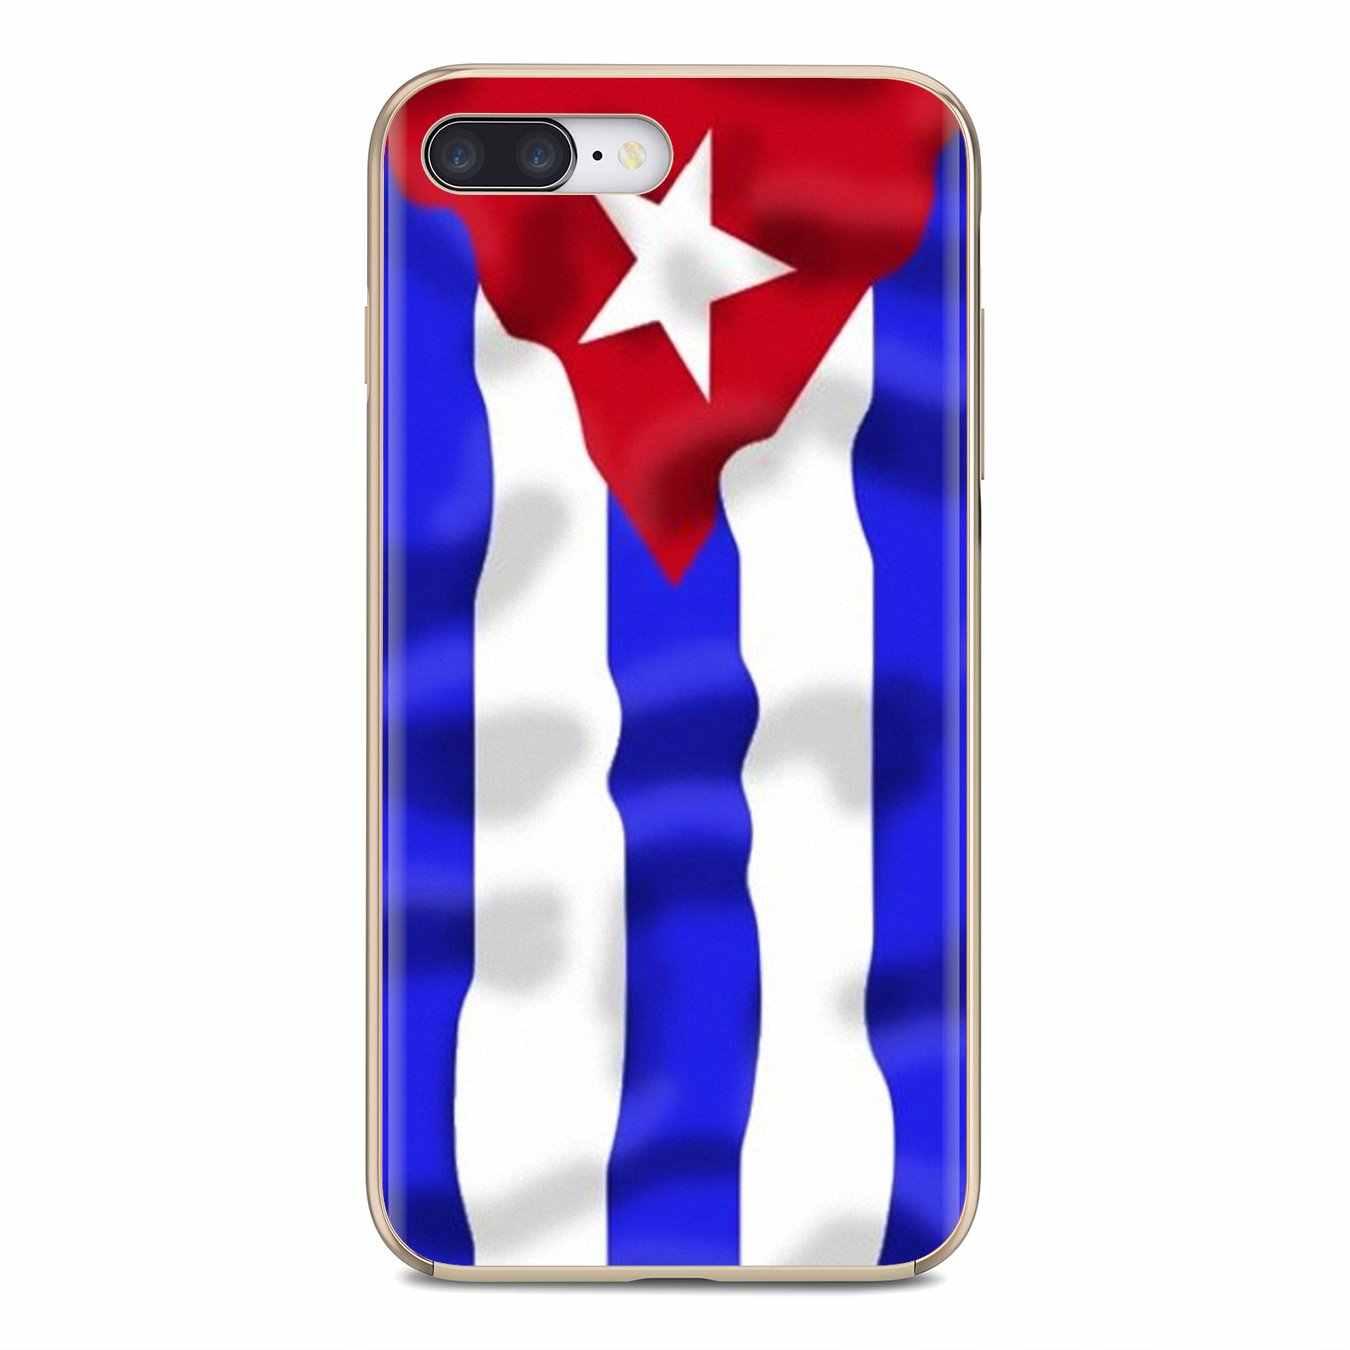 كوبا كوبا العلم يطير خط راية سيليكون الهاتف يغطي لسامسونج غالاكسي A10 A30 A40 A50 A60 A70 S6 نشط نوت 10 زائد حافة M30